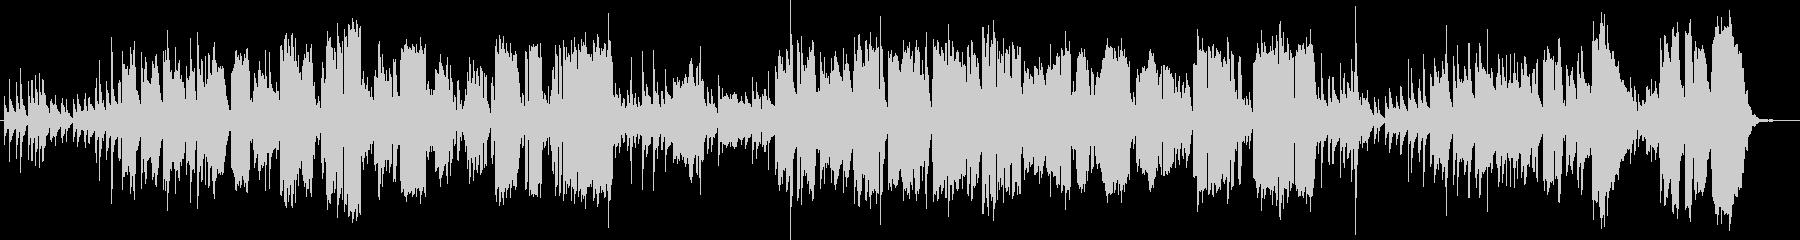 ほのぼのとした女性ボーカル曲ですの未再生の波形